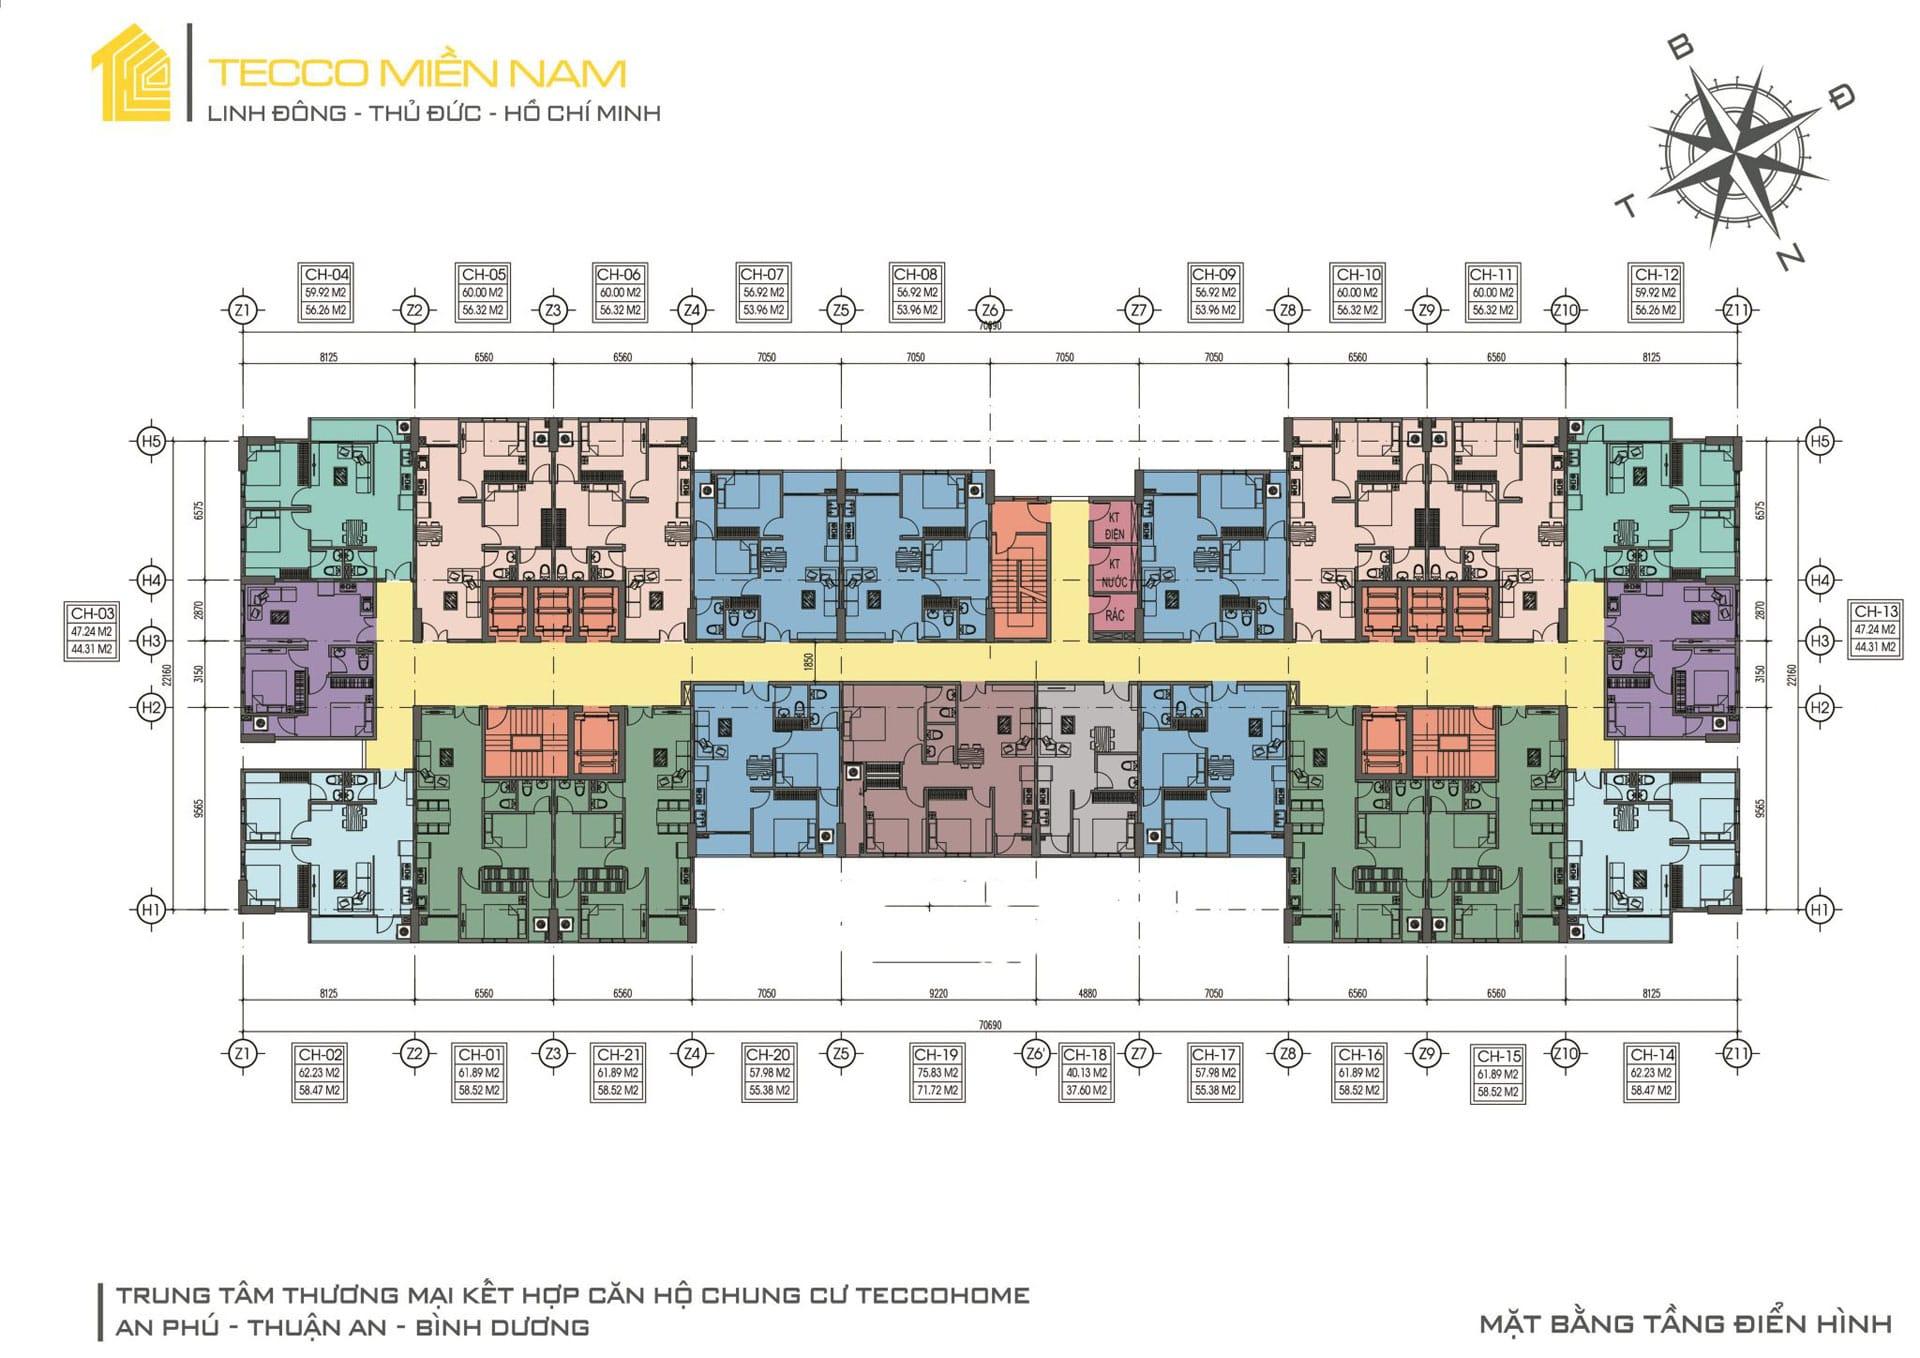 mặt bằng tầng 3 23 dự án căn hộ tecco home an phú bình dương - DỰ ÁN CĂN HỘ TECCO HOME AN PHÚ BÌNH DƯƠNG